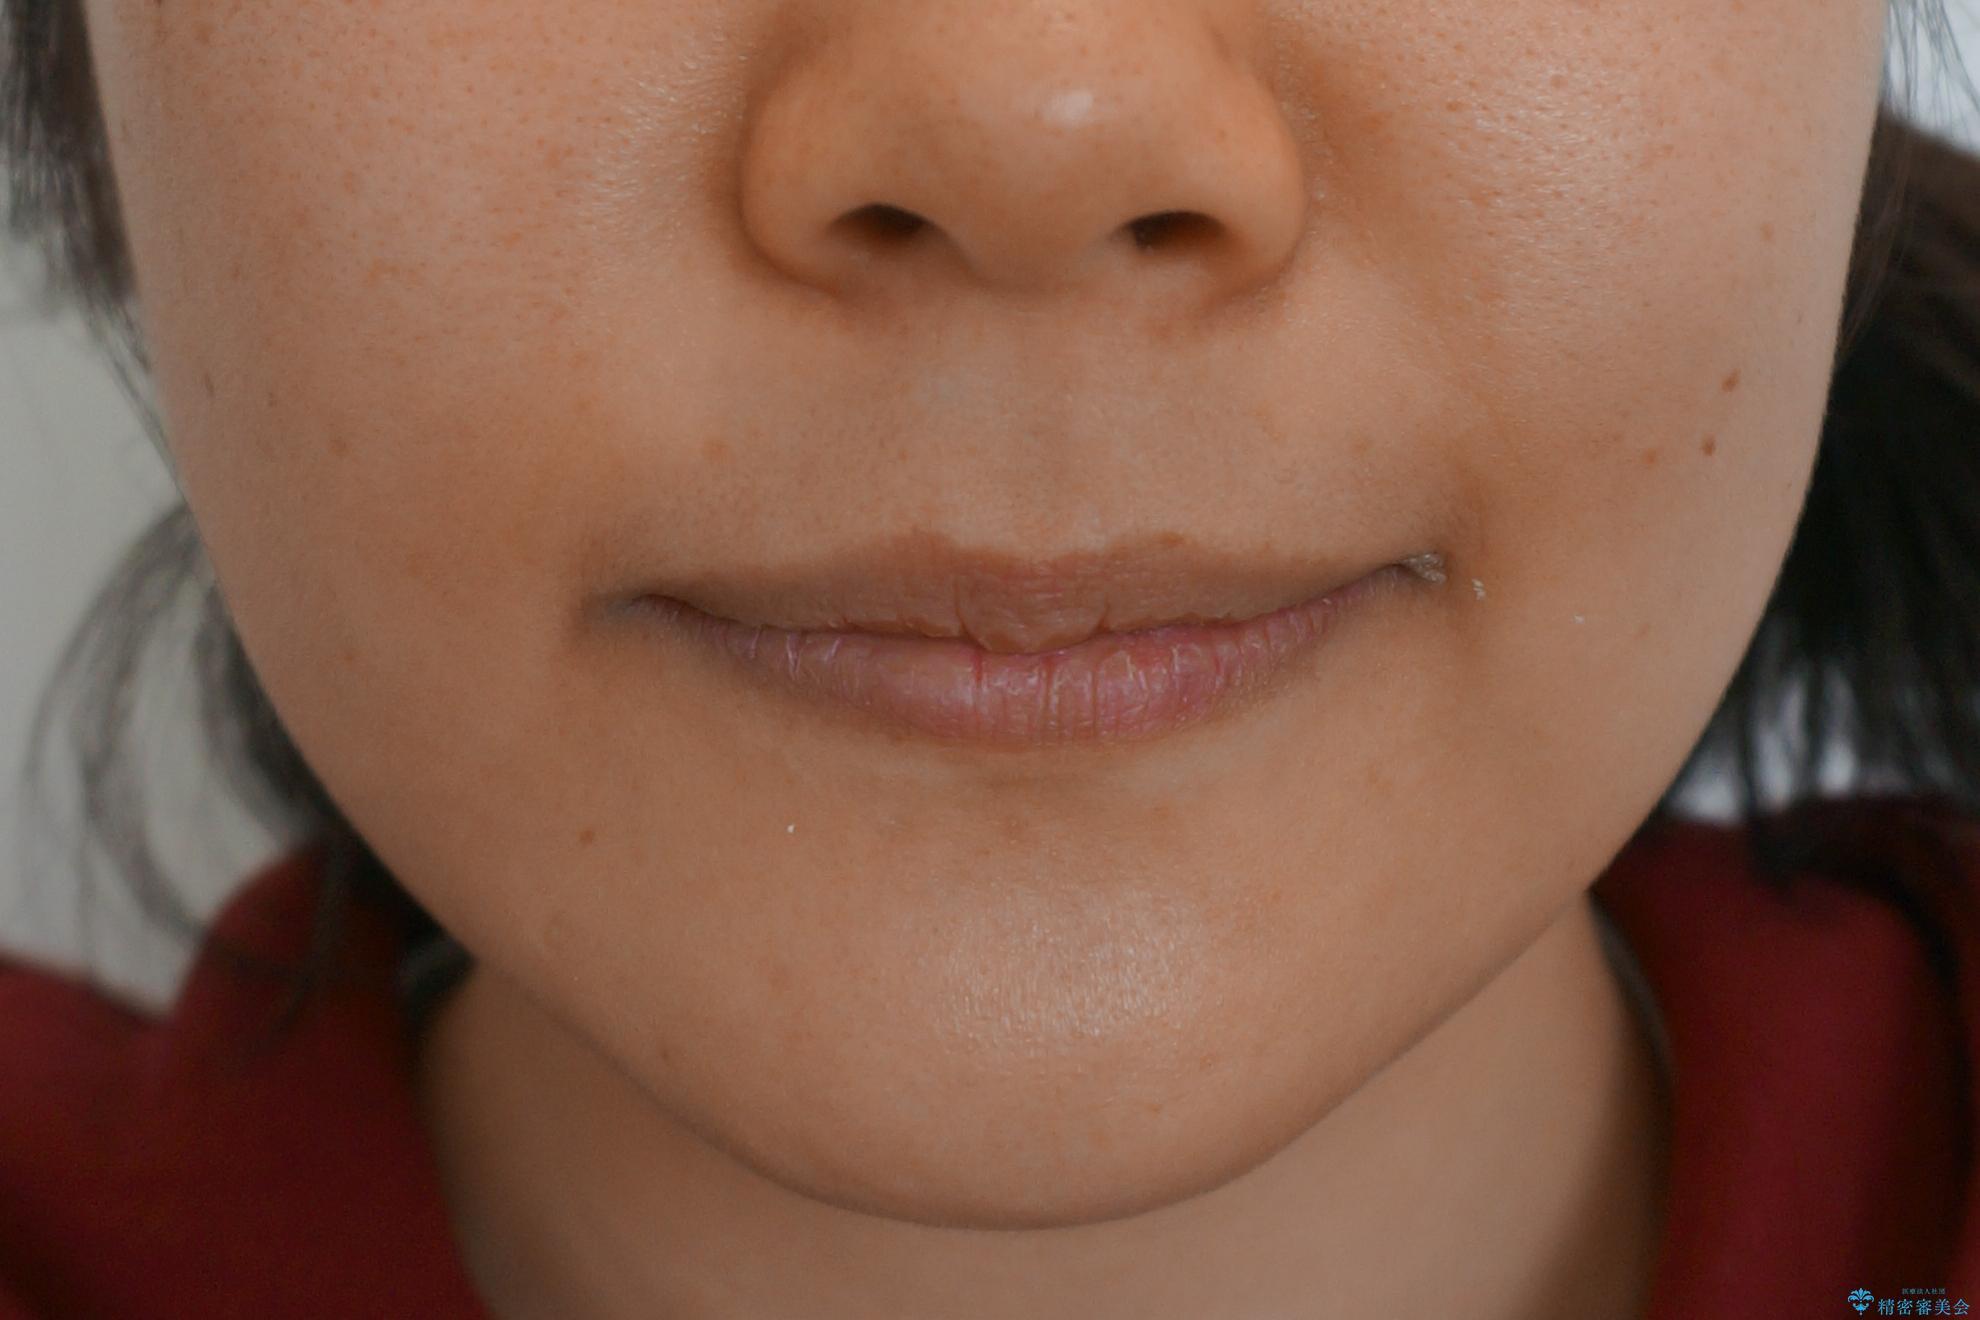 「整形した?」と言われるほどの変化! 口元を矯正治療で改善 鼻を高くしたわけでも、アゴに何か入れたわけでもありません。の治療後(顔貌)